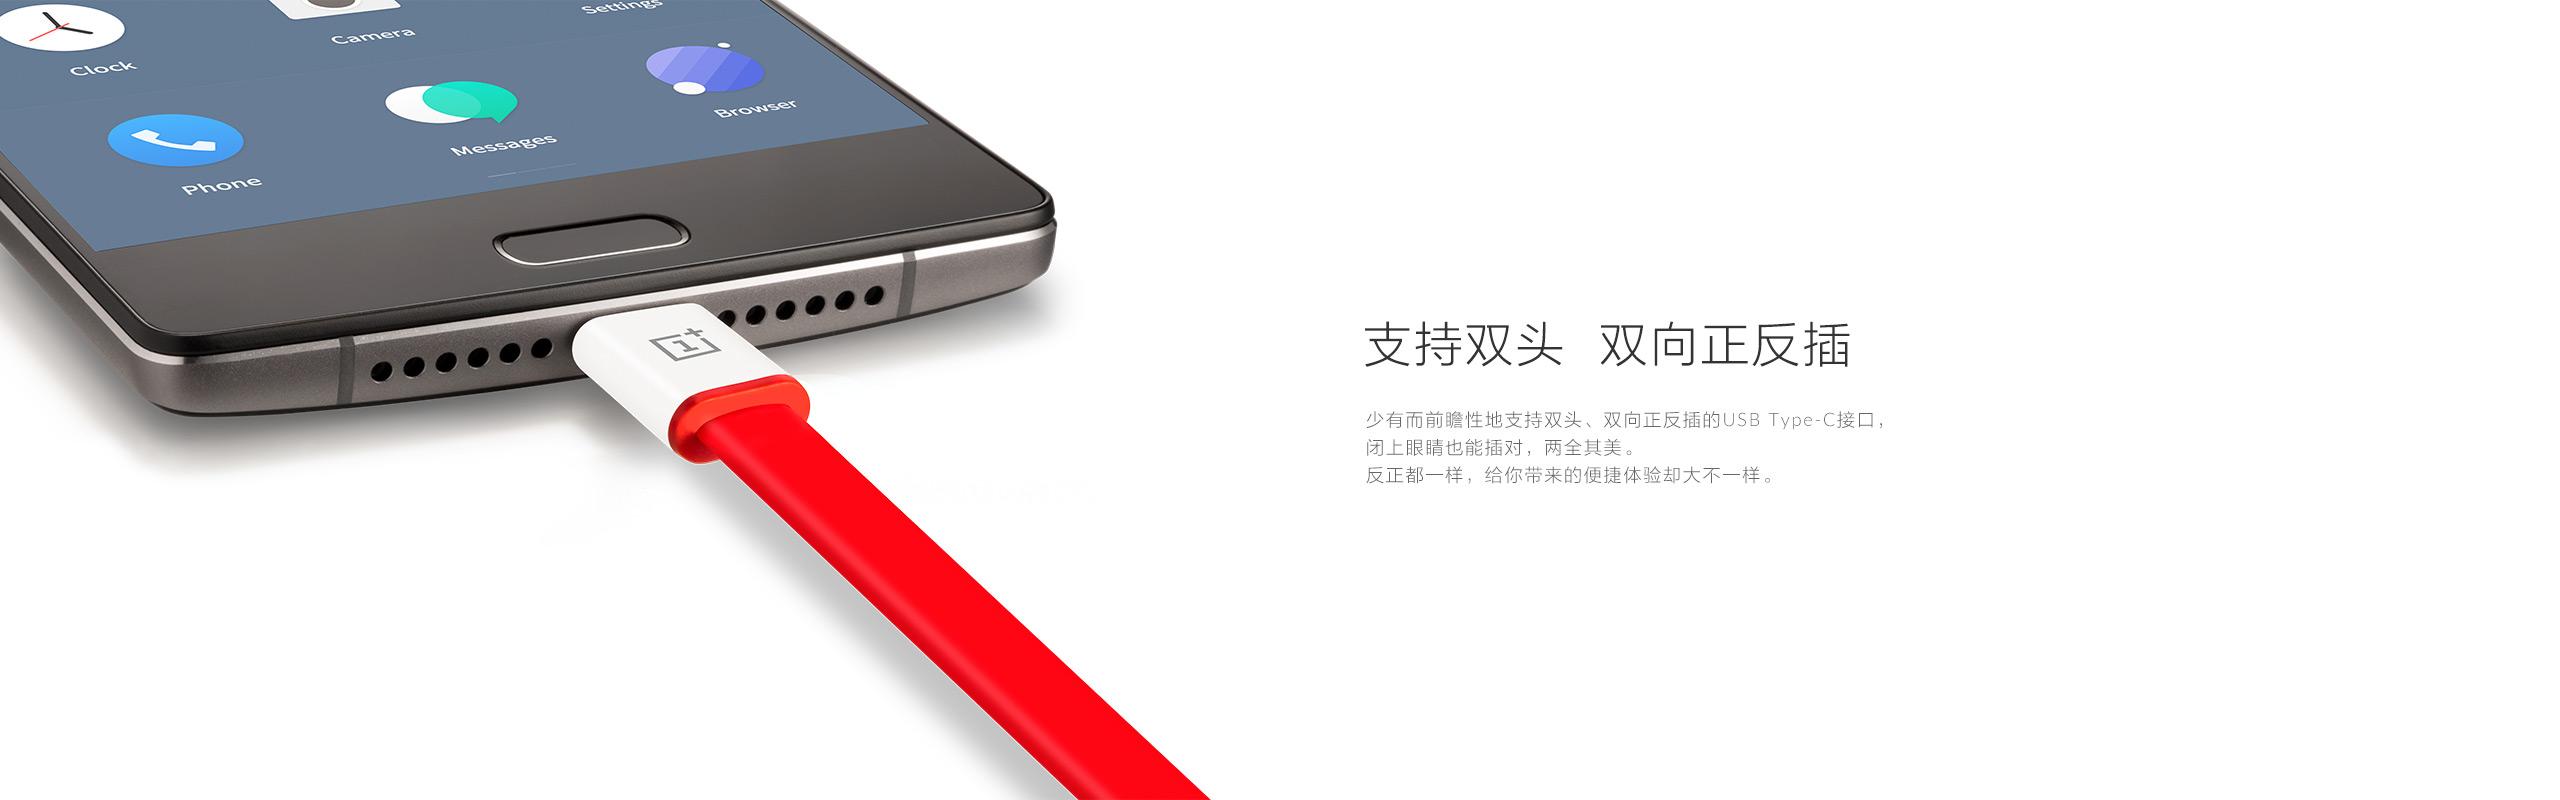 一加手机2 USB Type-C数据扁线1.0m10